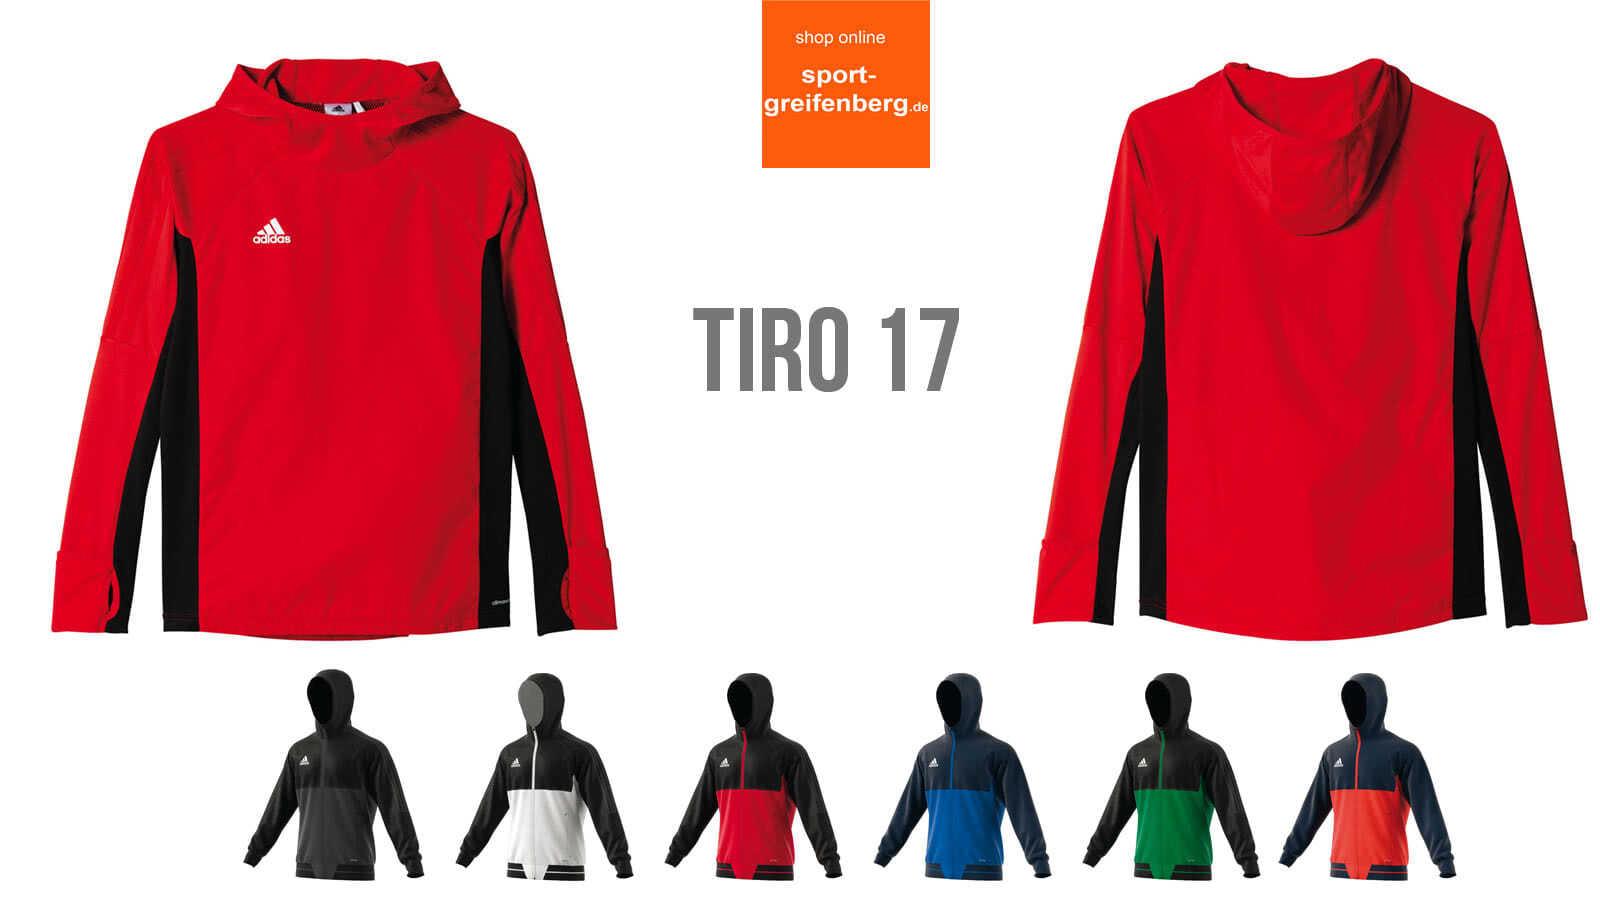 fantastische Einsparungen feinste Auswahl klar und unverwechselbar Adidas Tiro 17 ☆ Sportbekleidung ☆ Teamline